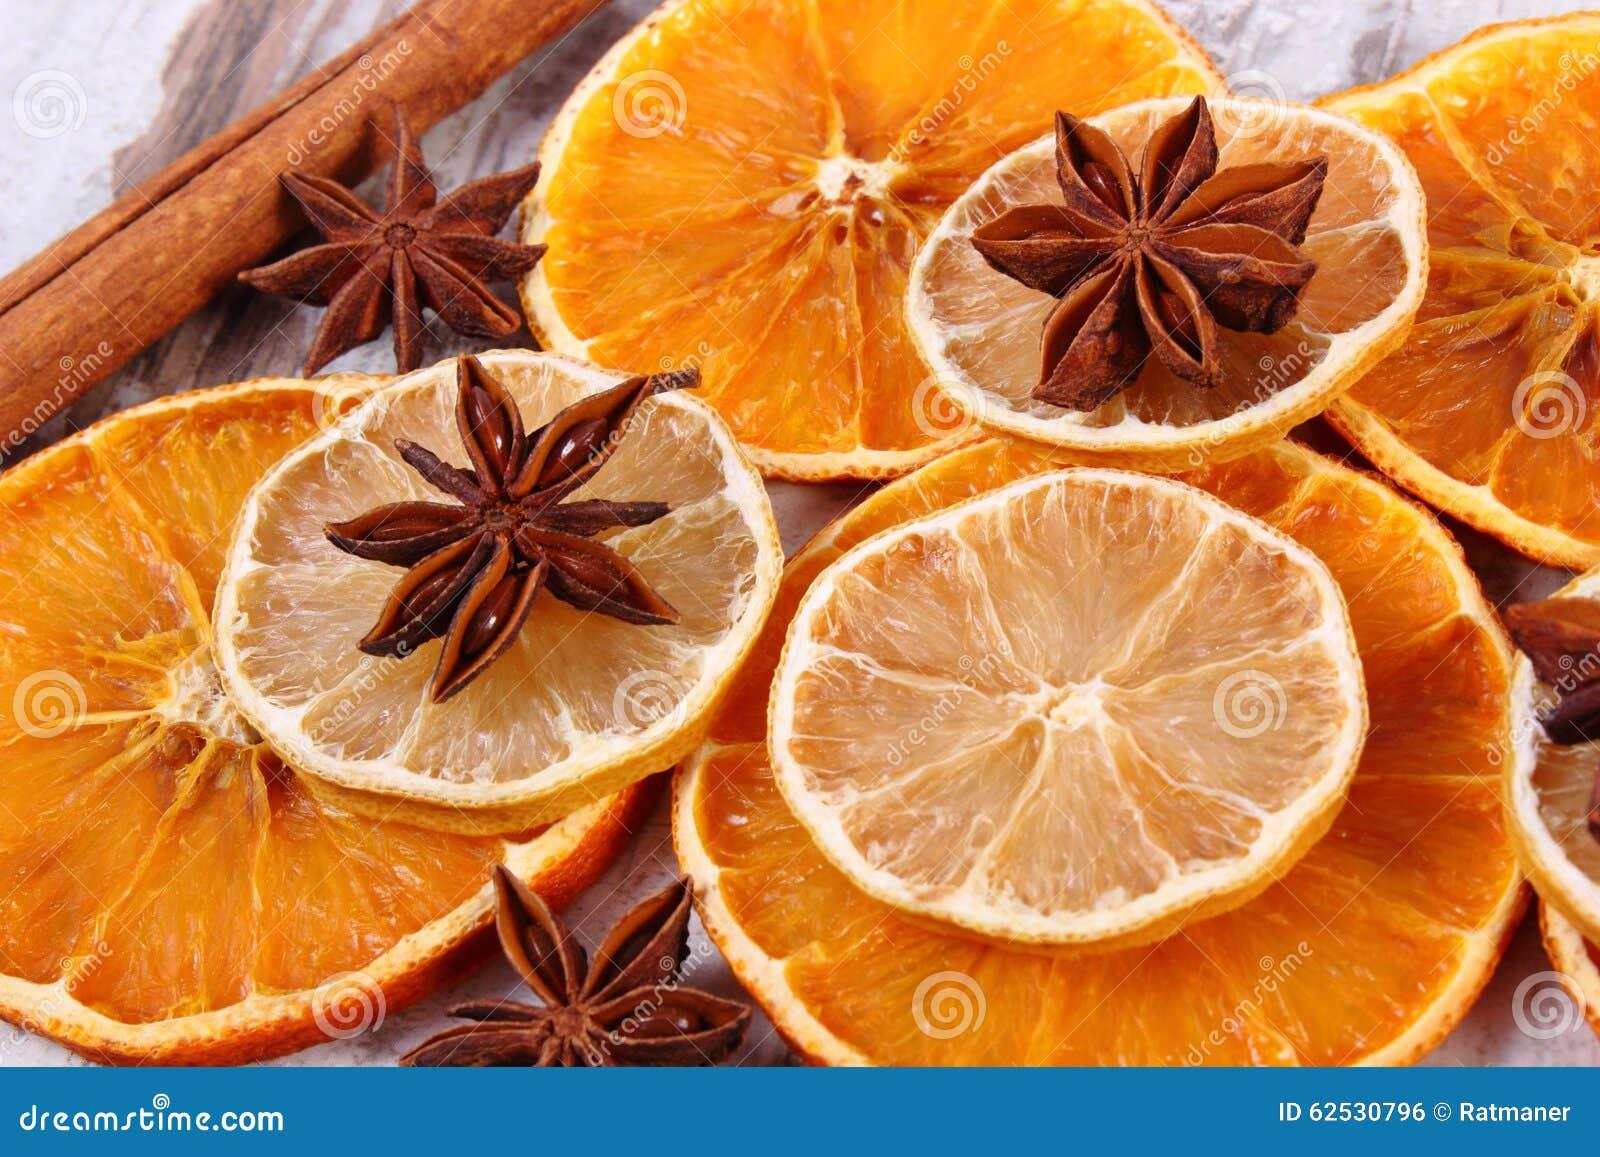 切片干柠檬、桔子和香料在老木背景